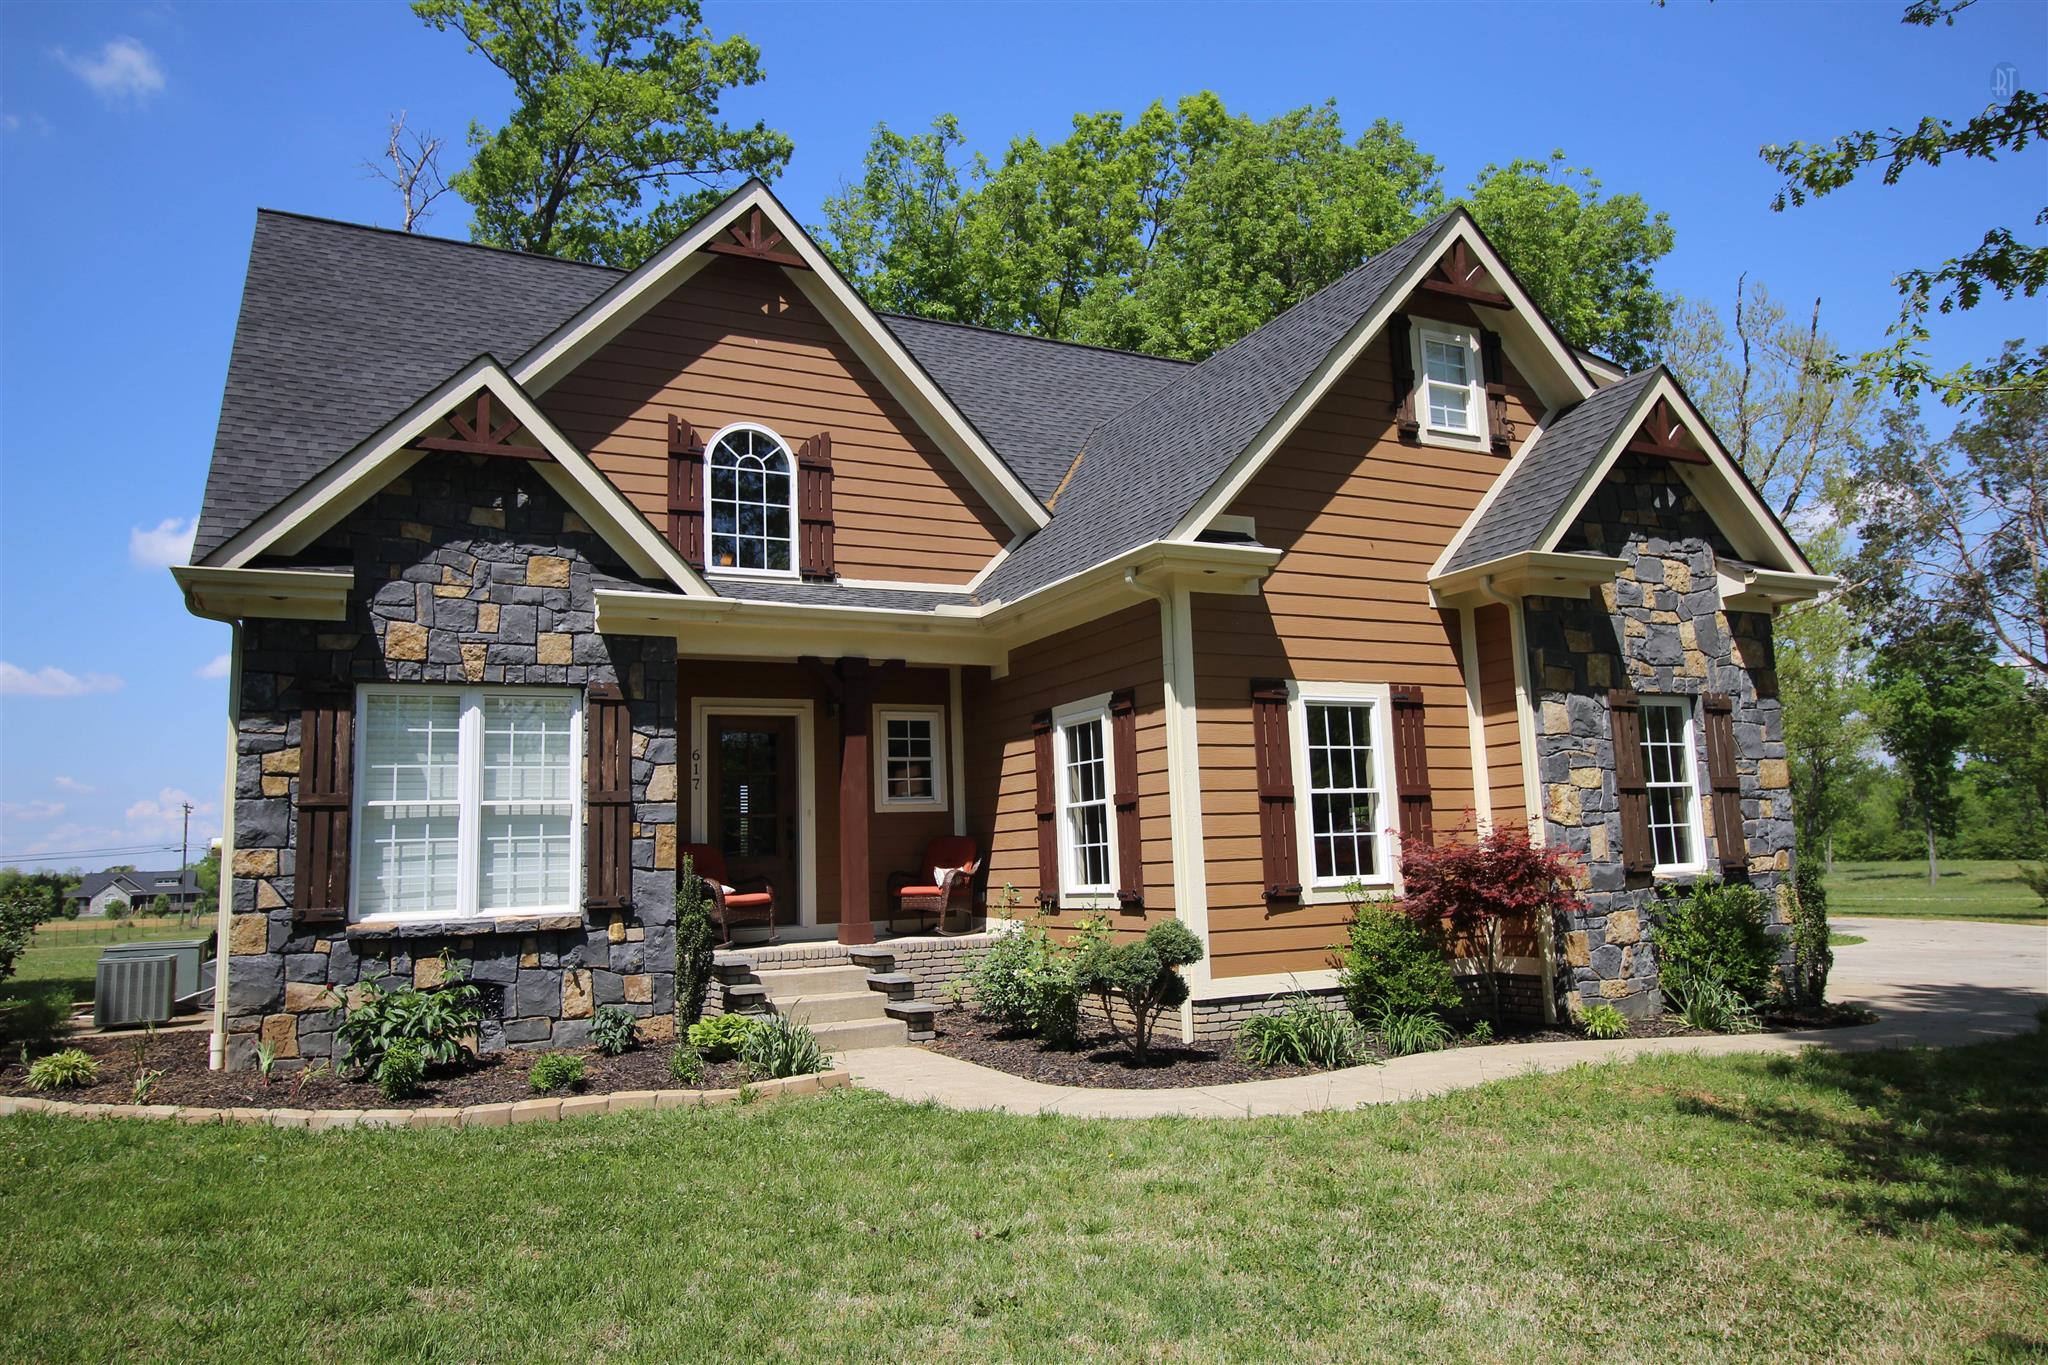 617 Cranor Rd, Murfreesboro, TN 37130